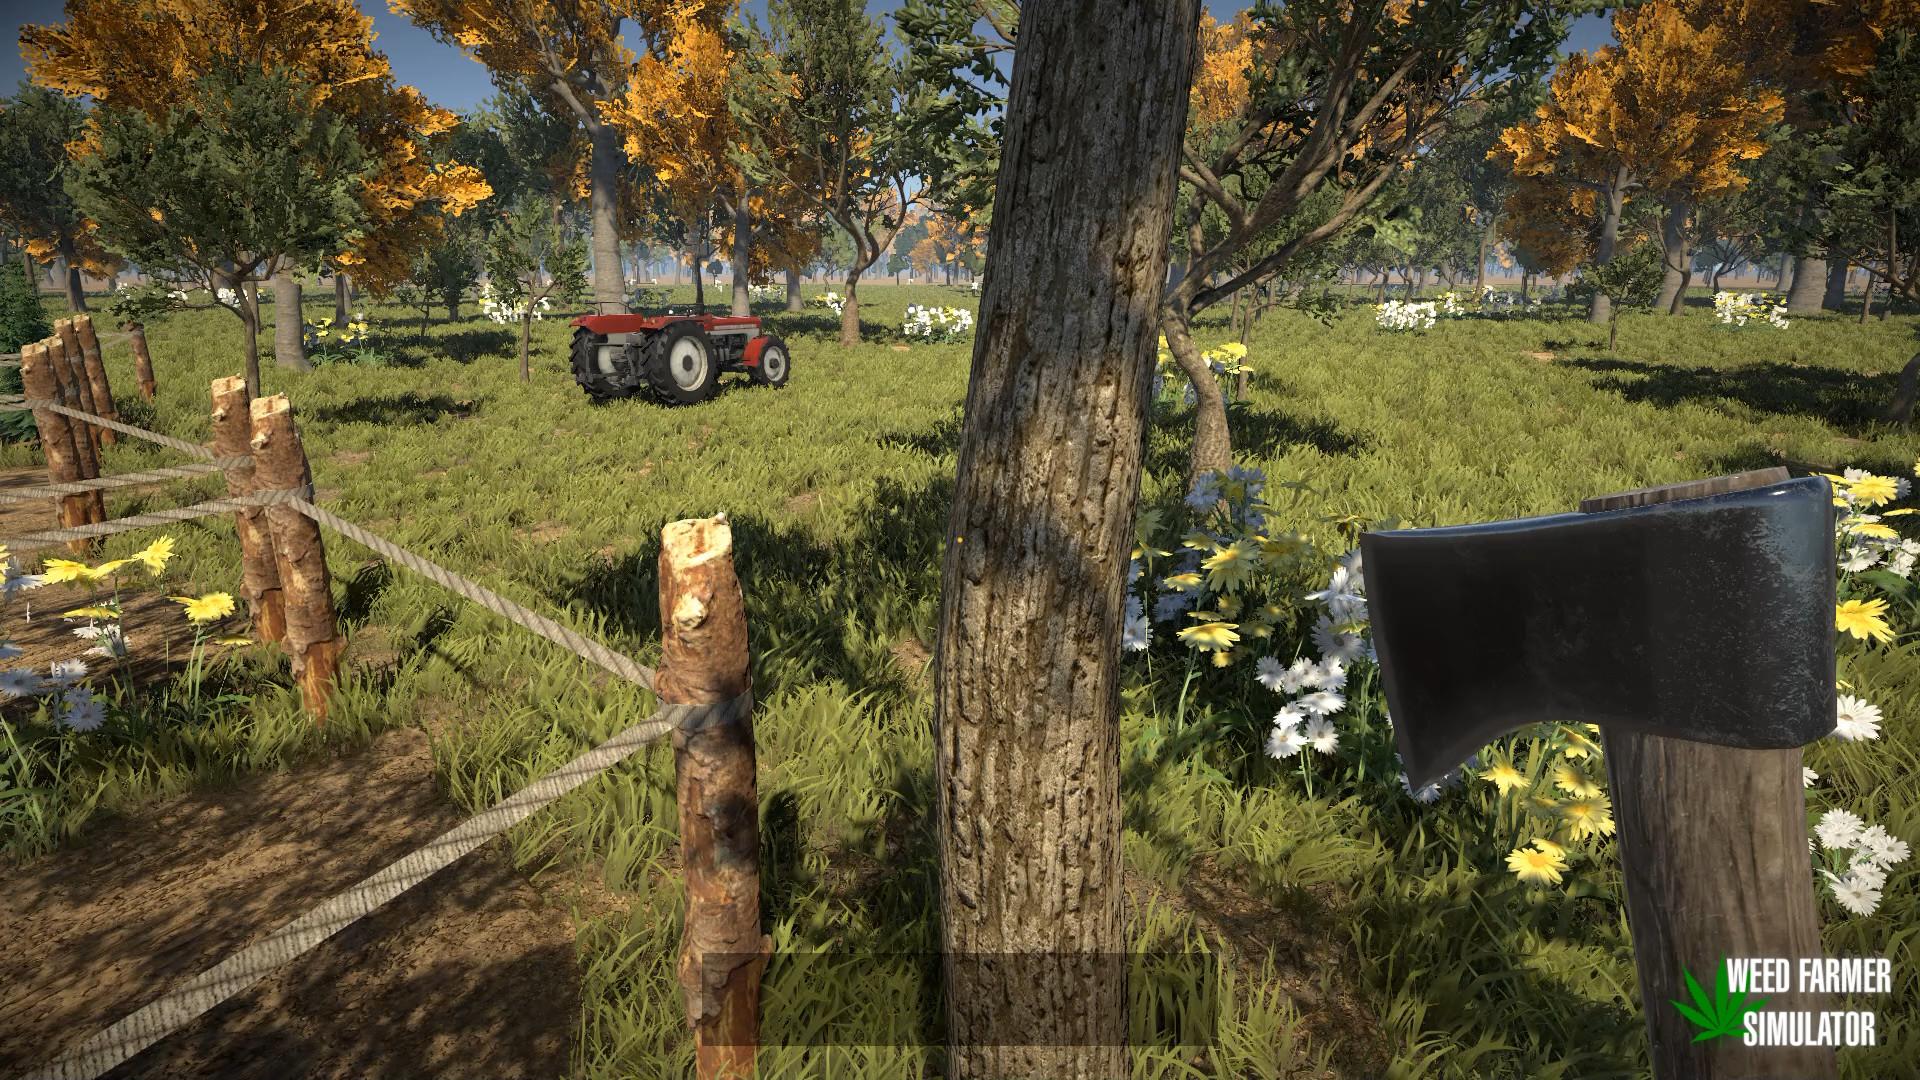 4 2 - ○○農家シミュレーター『Weed Farmer Simulator』が爆誕! おまえらのノウハウを発揮しろー